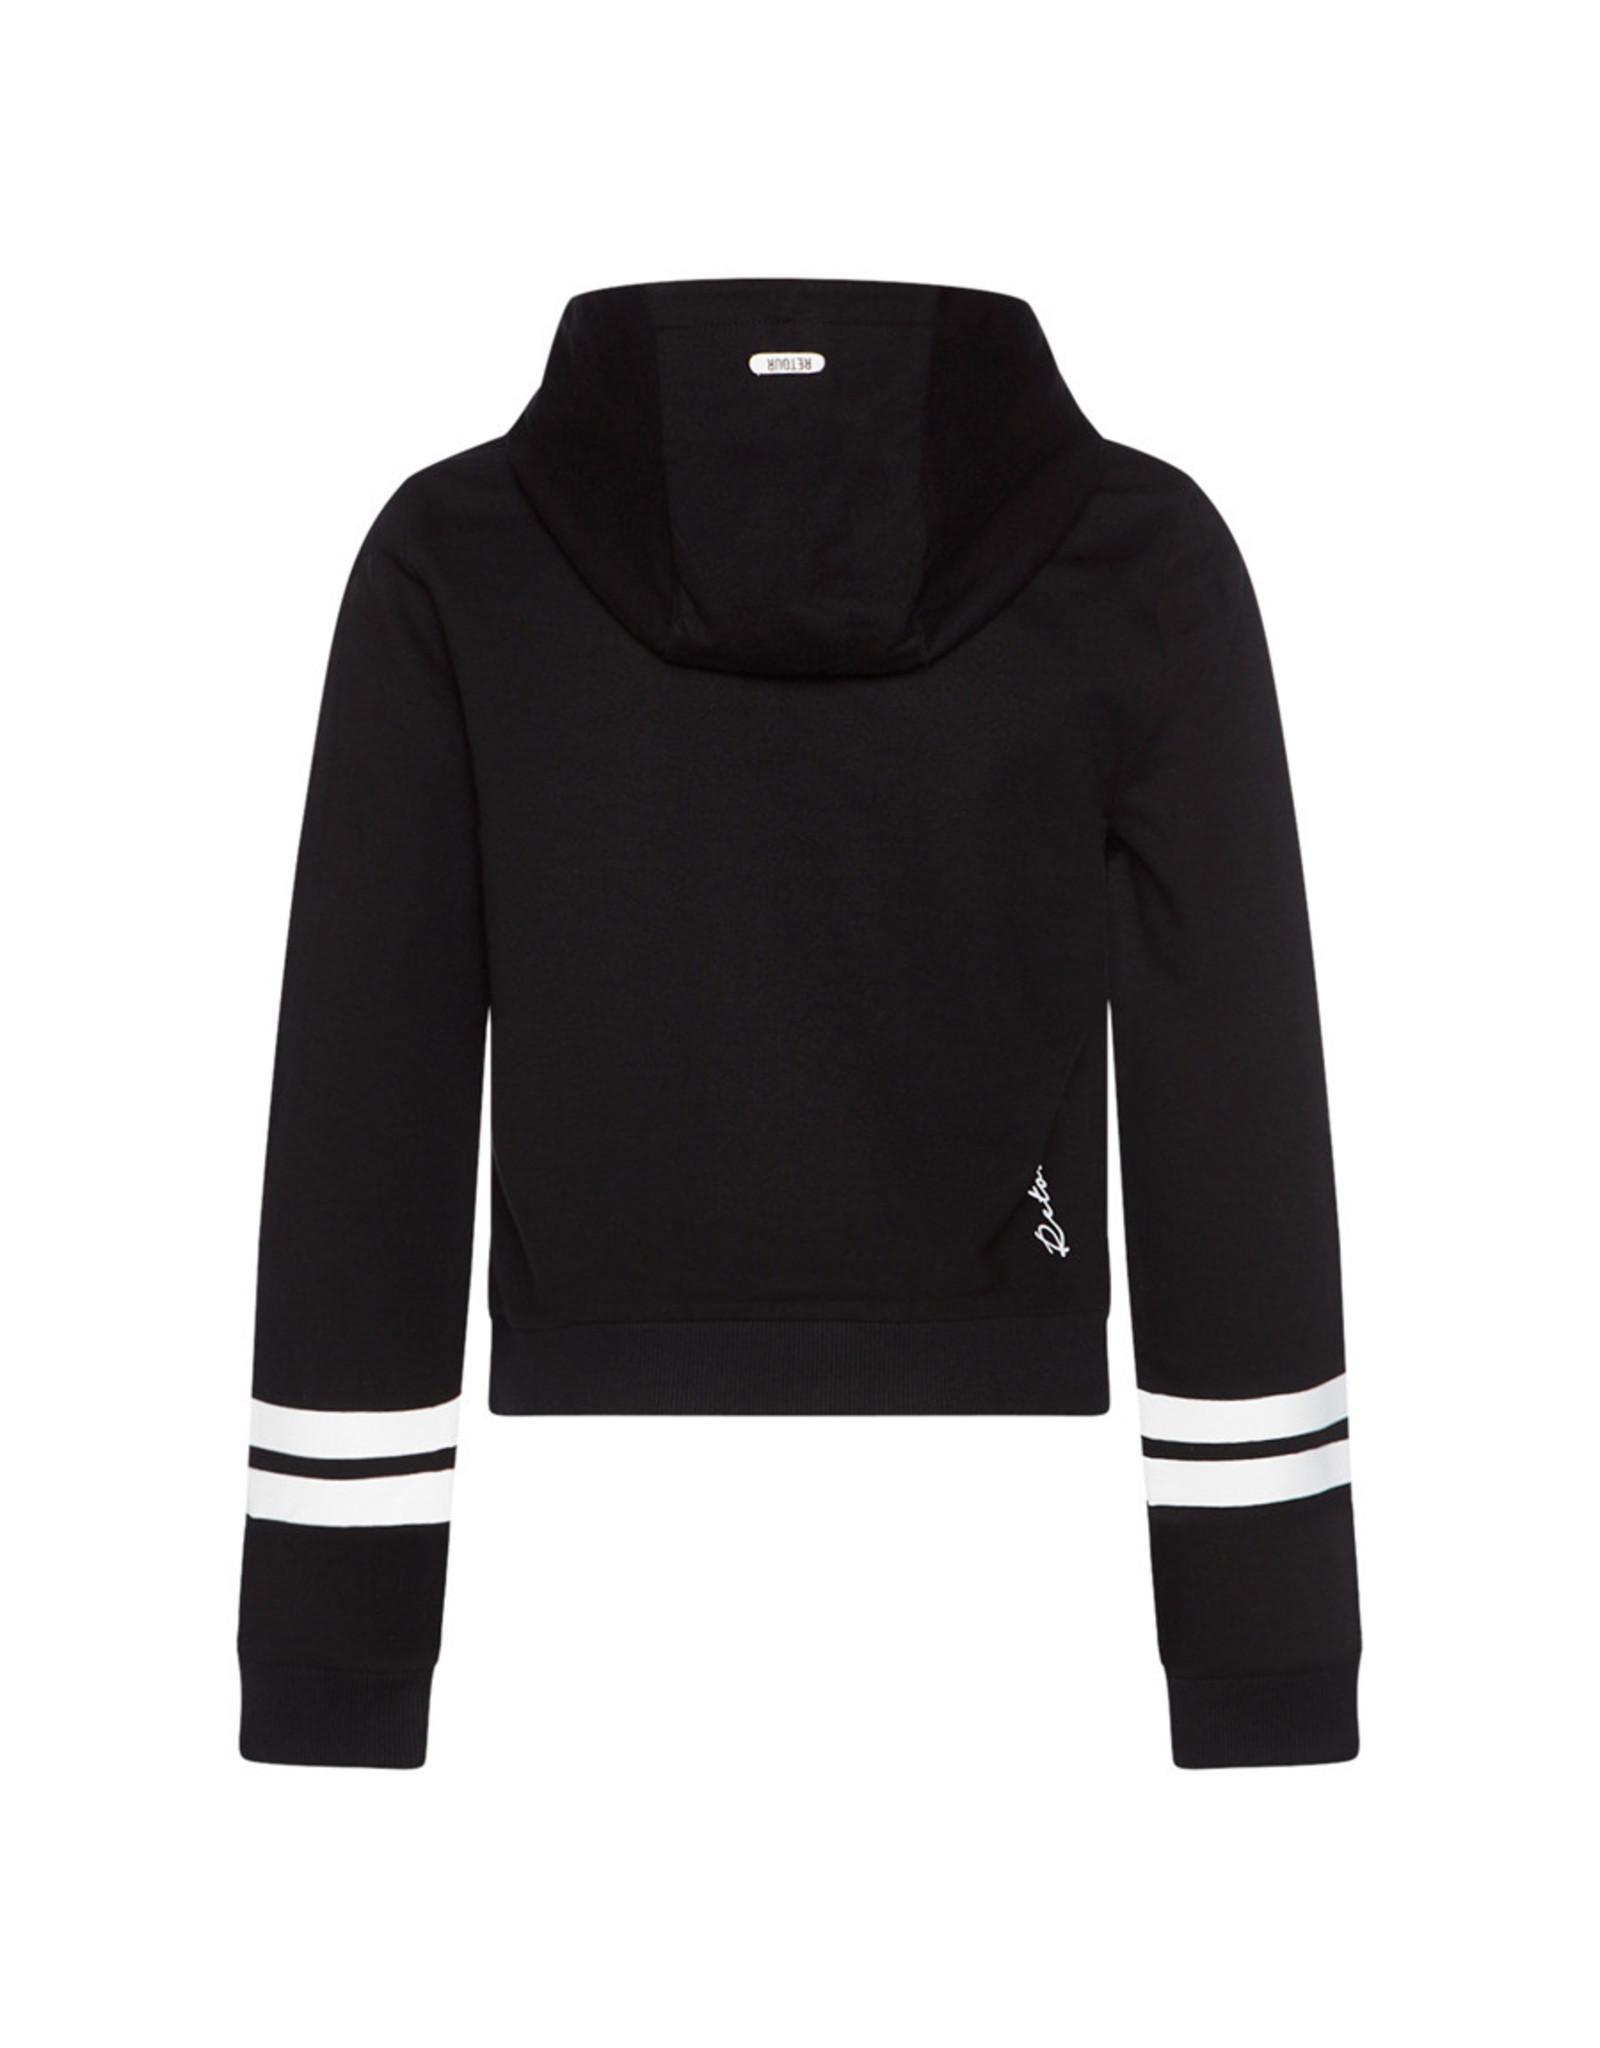 Retour Joy Sweater 9000 Black